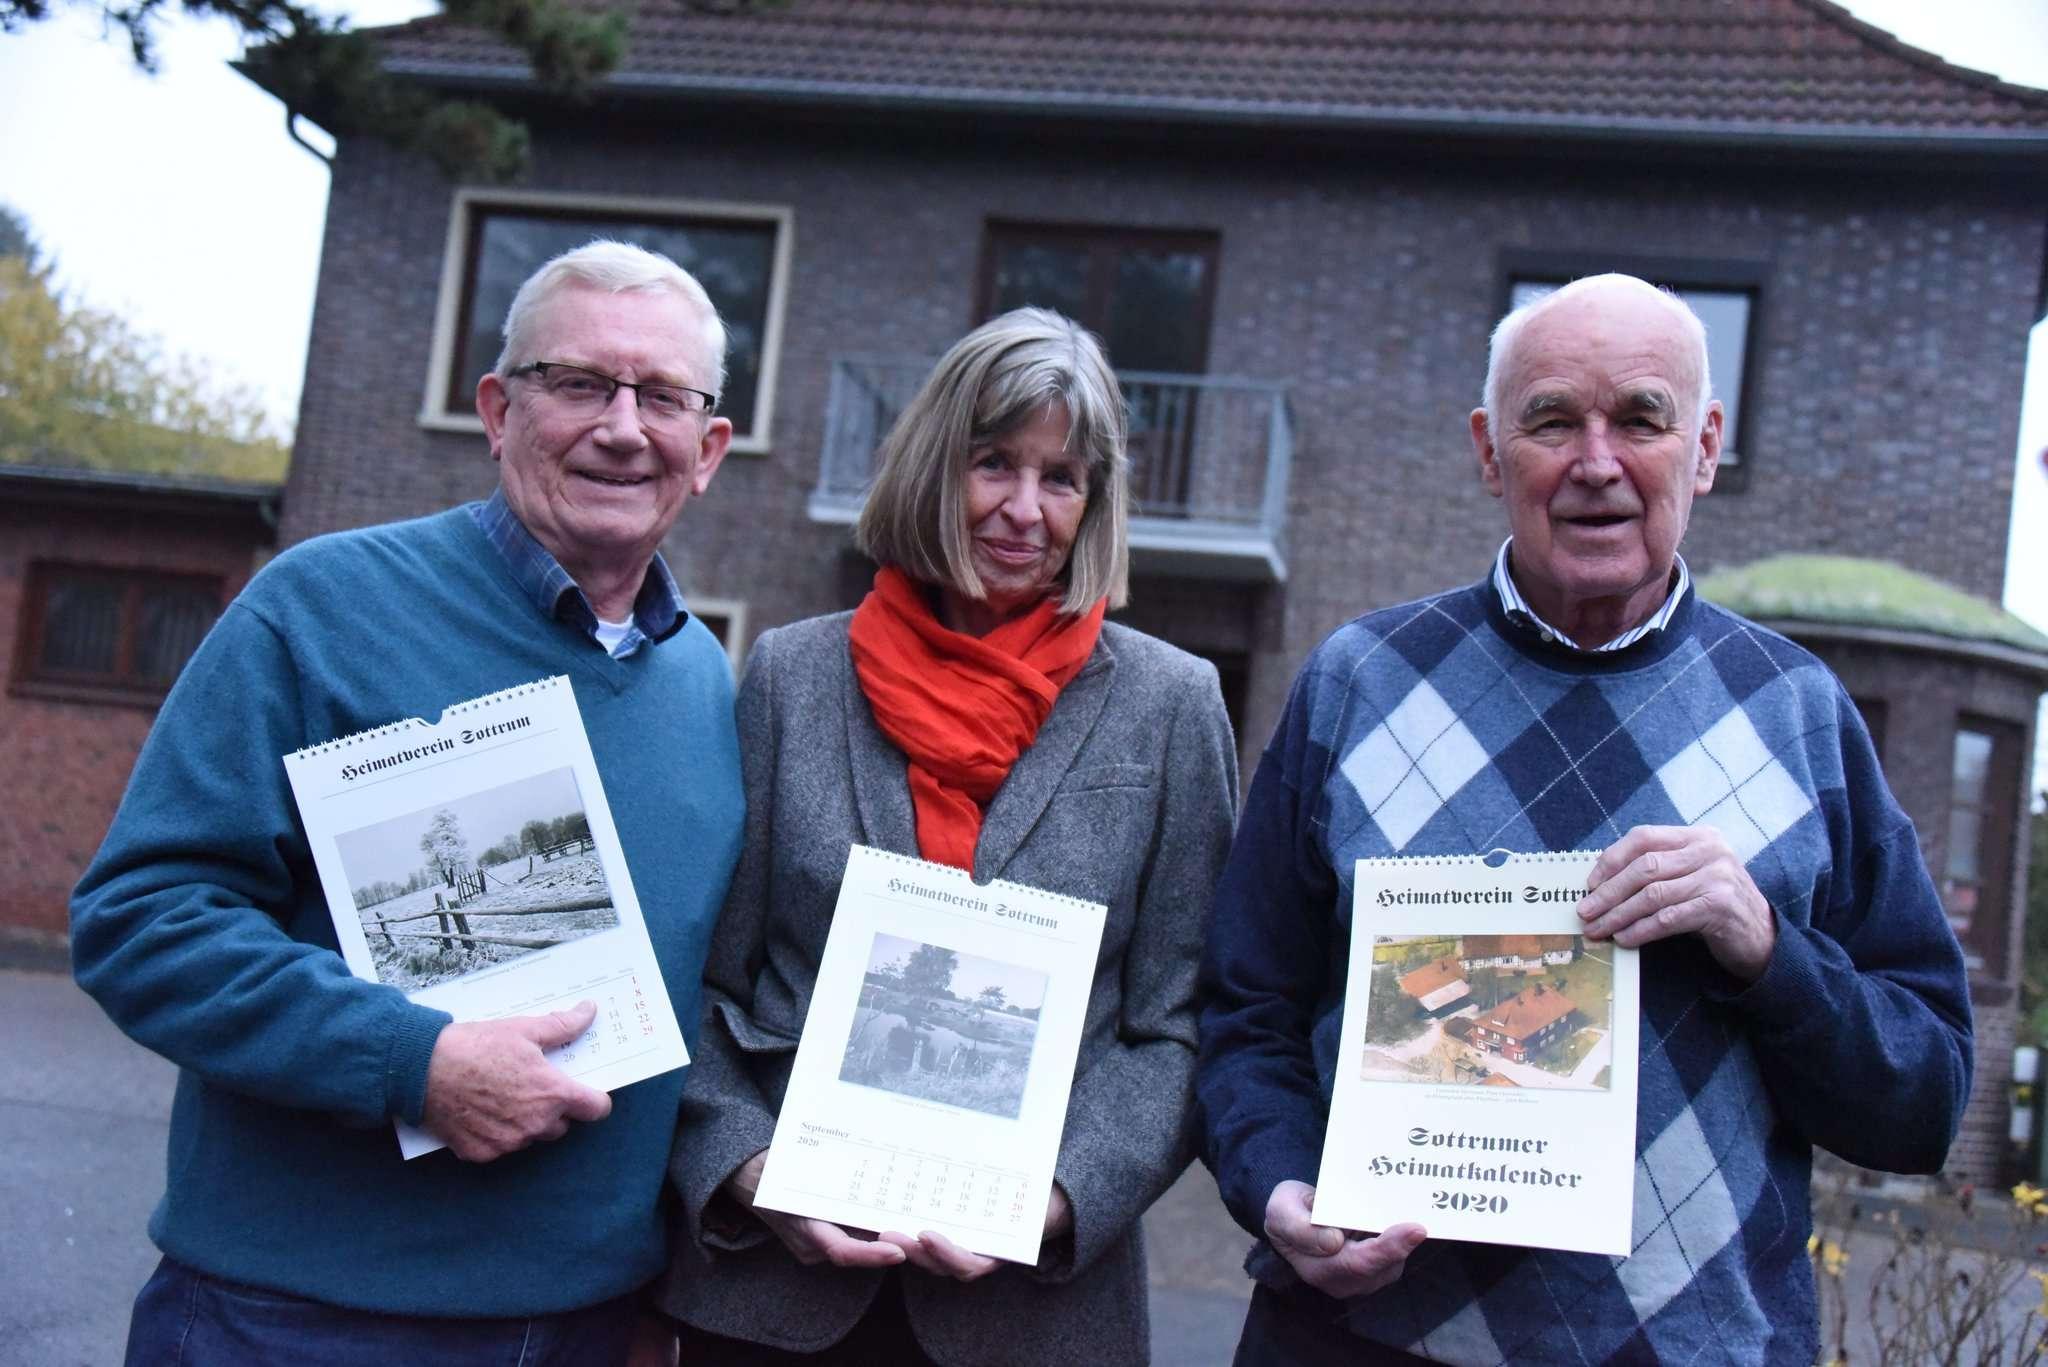 Hans-Georg Wiedemeyer (von links), Hanna Hildebrandt und Hans-Richard Buthmann vor einem der historischen Motive ihres Heimatkalenders: die ehemalige Gaststätte Hermann Plate.